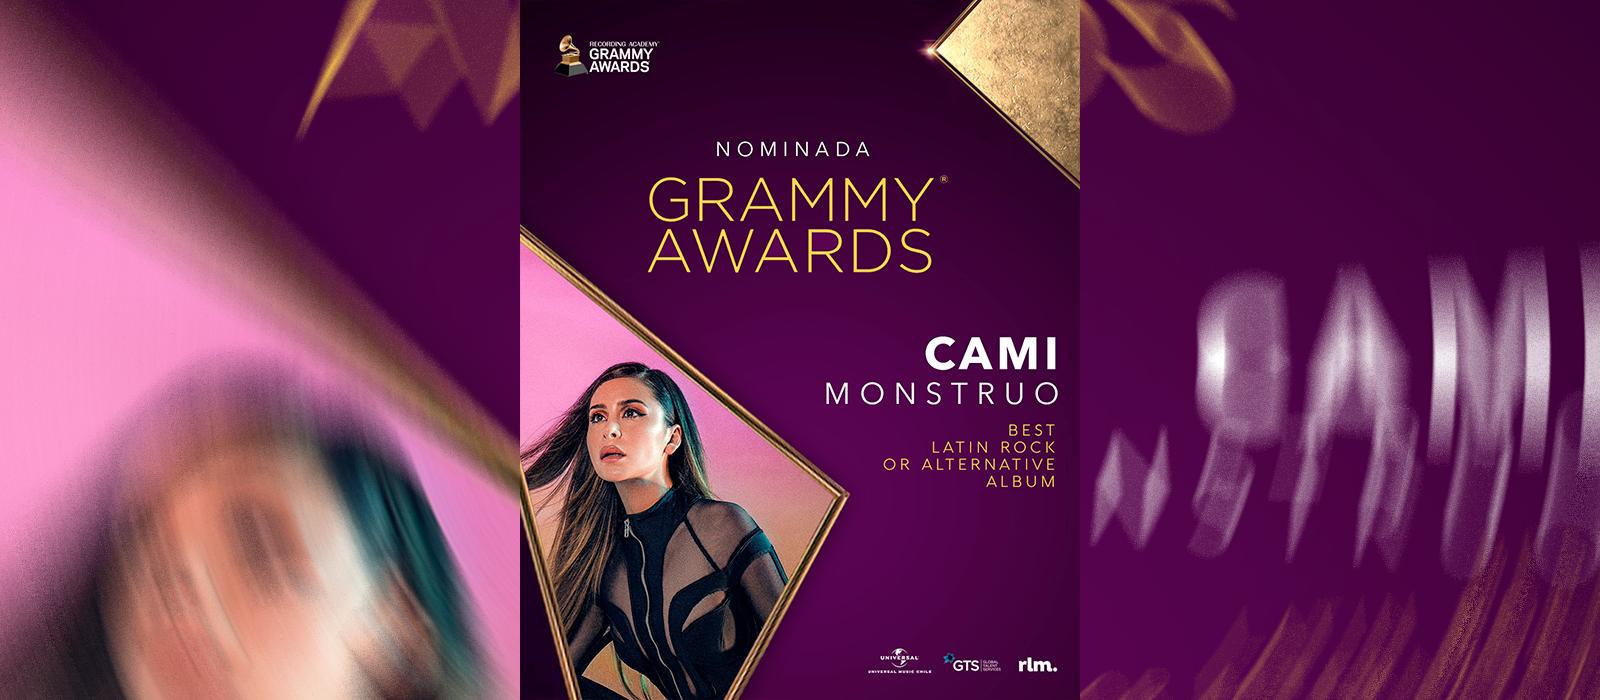 CAMI hace historia al ser la chilena más joven nominada a los Grammy Awards